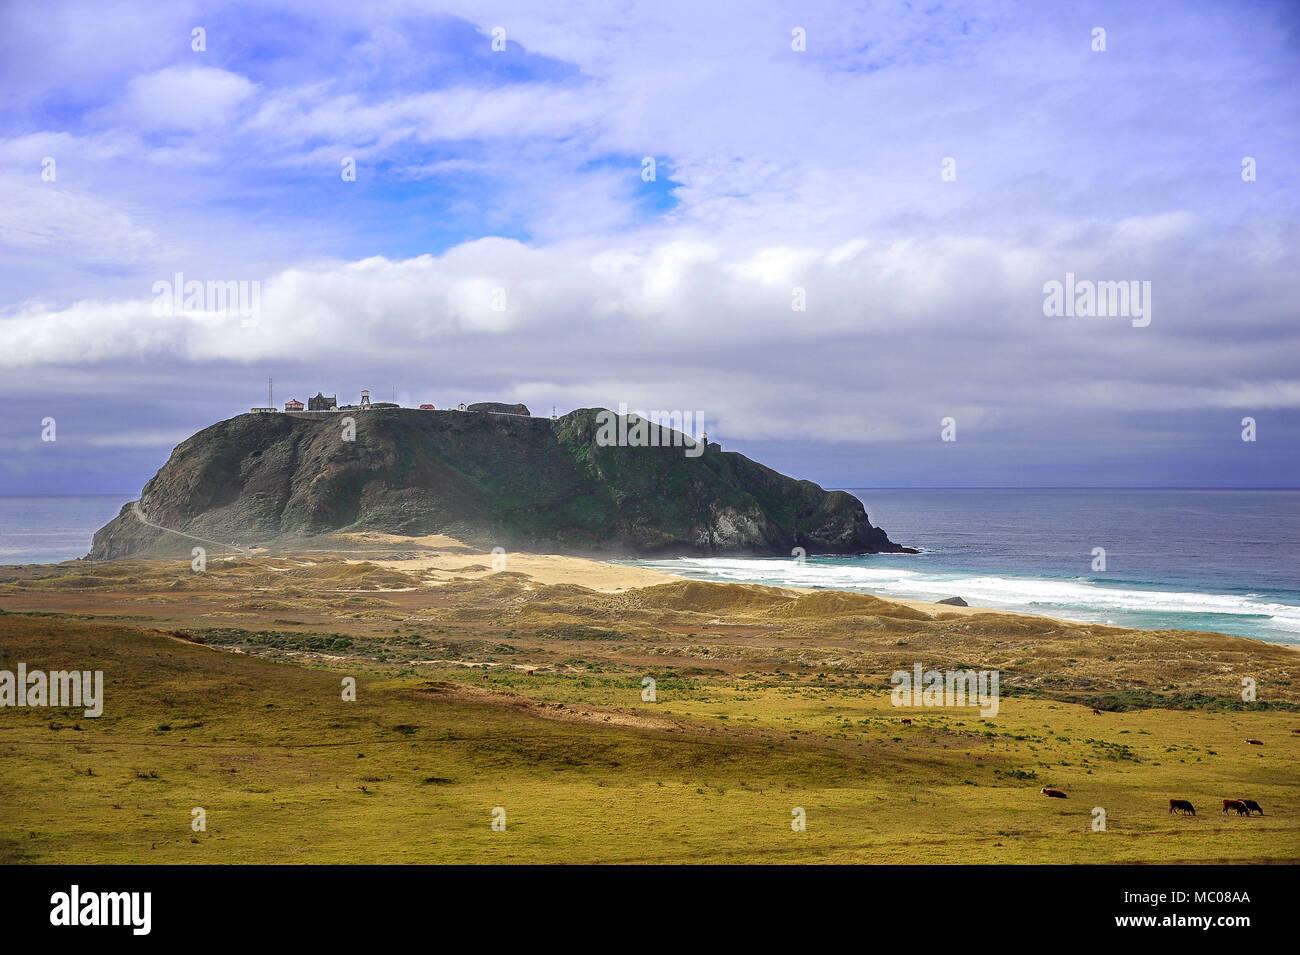 Point de vue pittoresque sur phare de l'autoroute Cabrillo avec green, premier plan d'herbe, mer turquoise et ciel nuageux Photo Stock